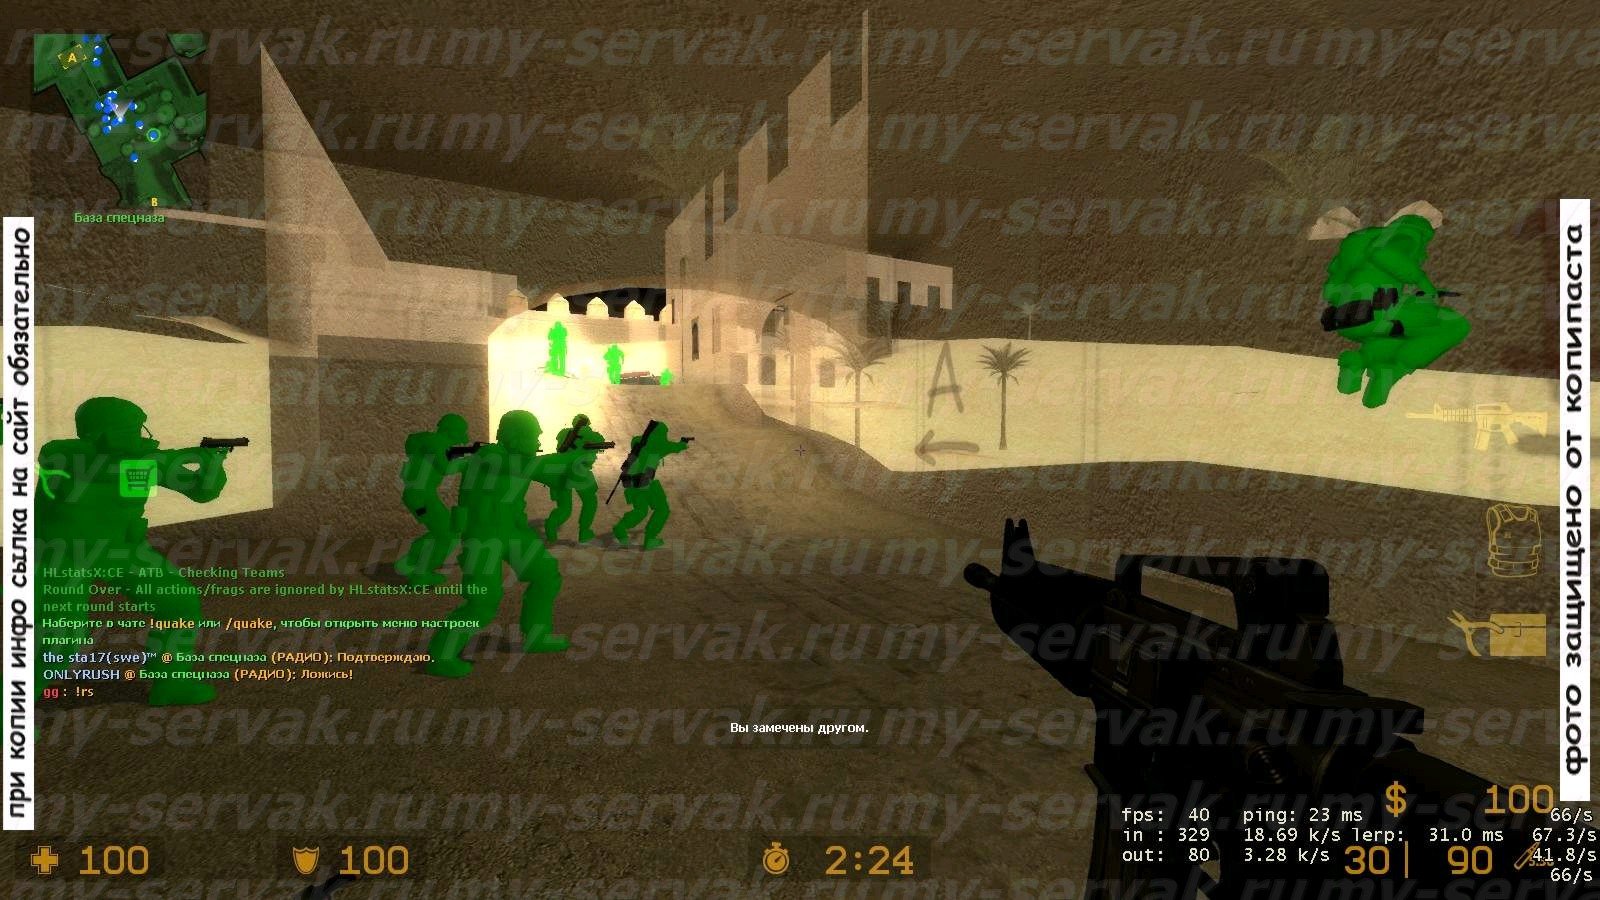 Скачать готовый сервер gungame для css v75 юоу тубе видеохостинг